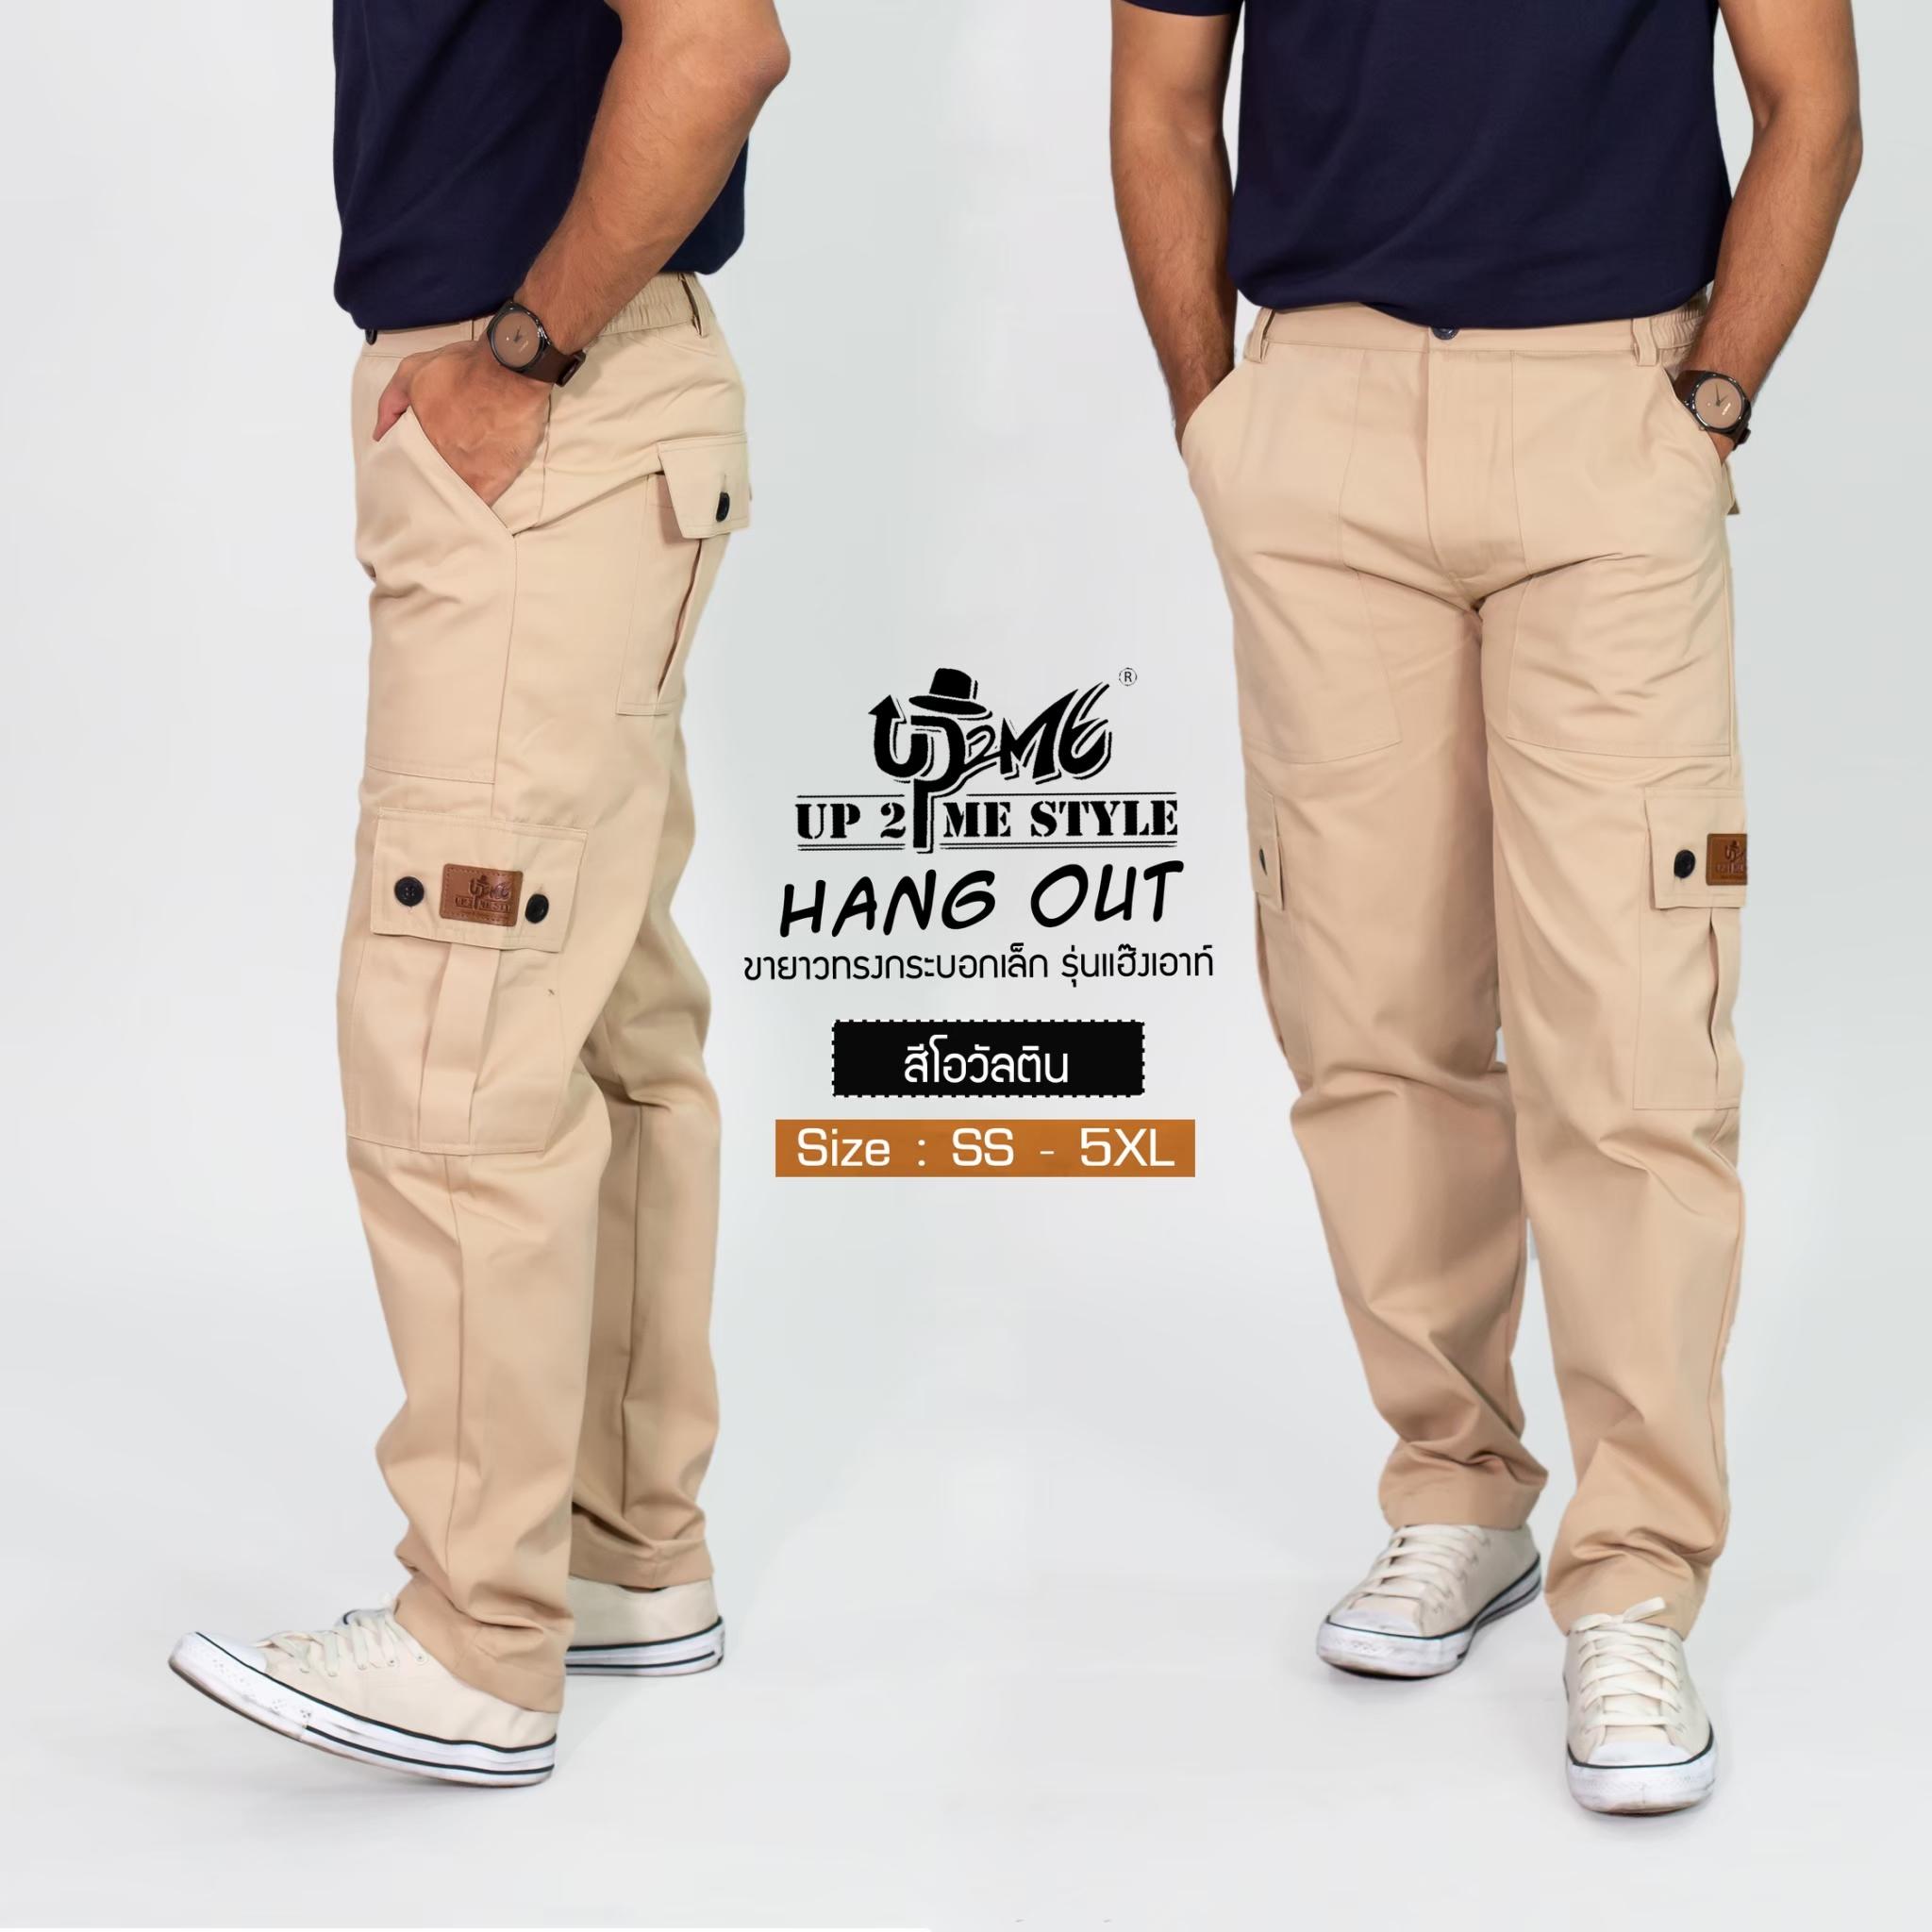 6 เสื้อผ้าเดินป่าสำหรับคุณผู้ชายคุณยอดเยี่ยม พร้อมลุยป่า ฝ่าดง ไปกับทุกการผจญภัยของคุณ !2